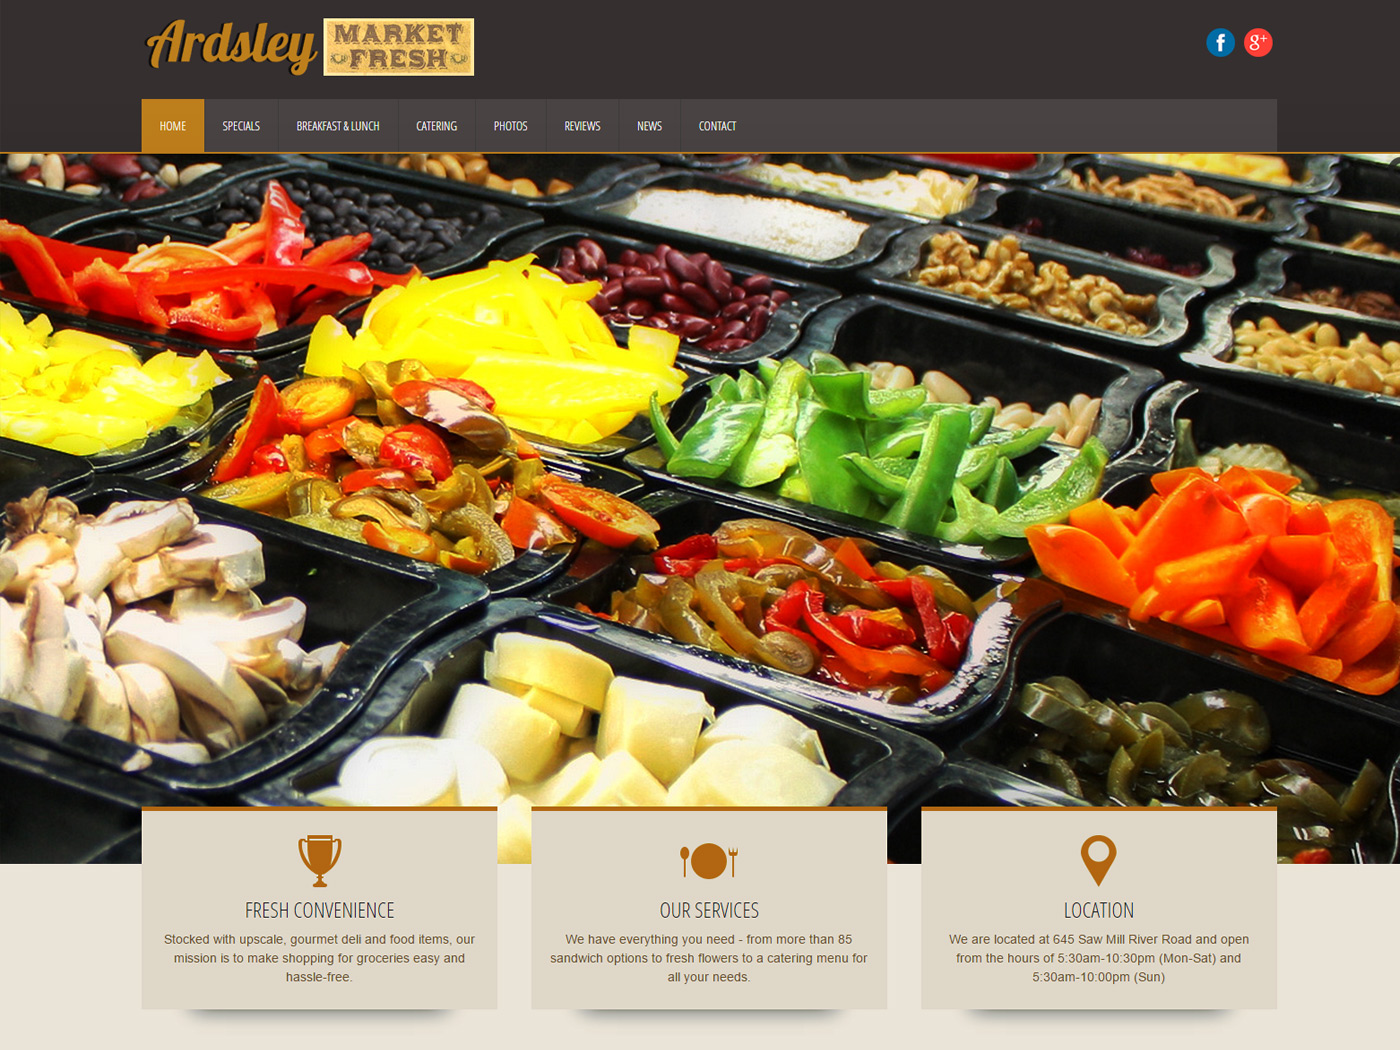 Ardsley Market Fresh